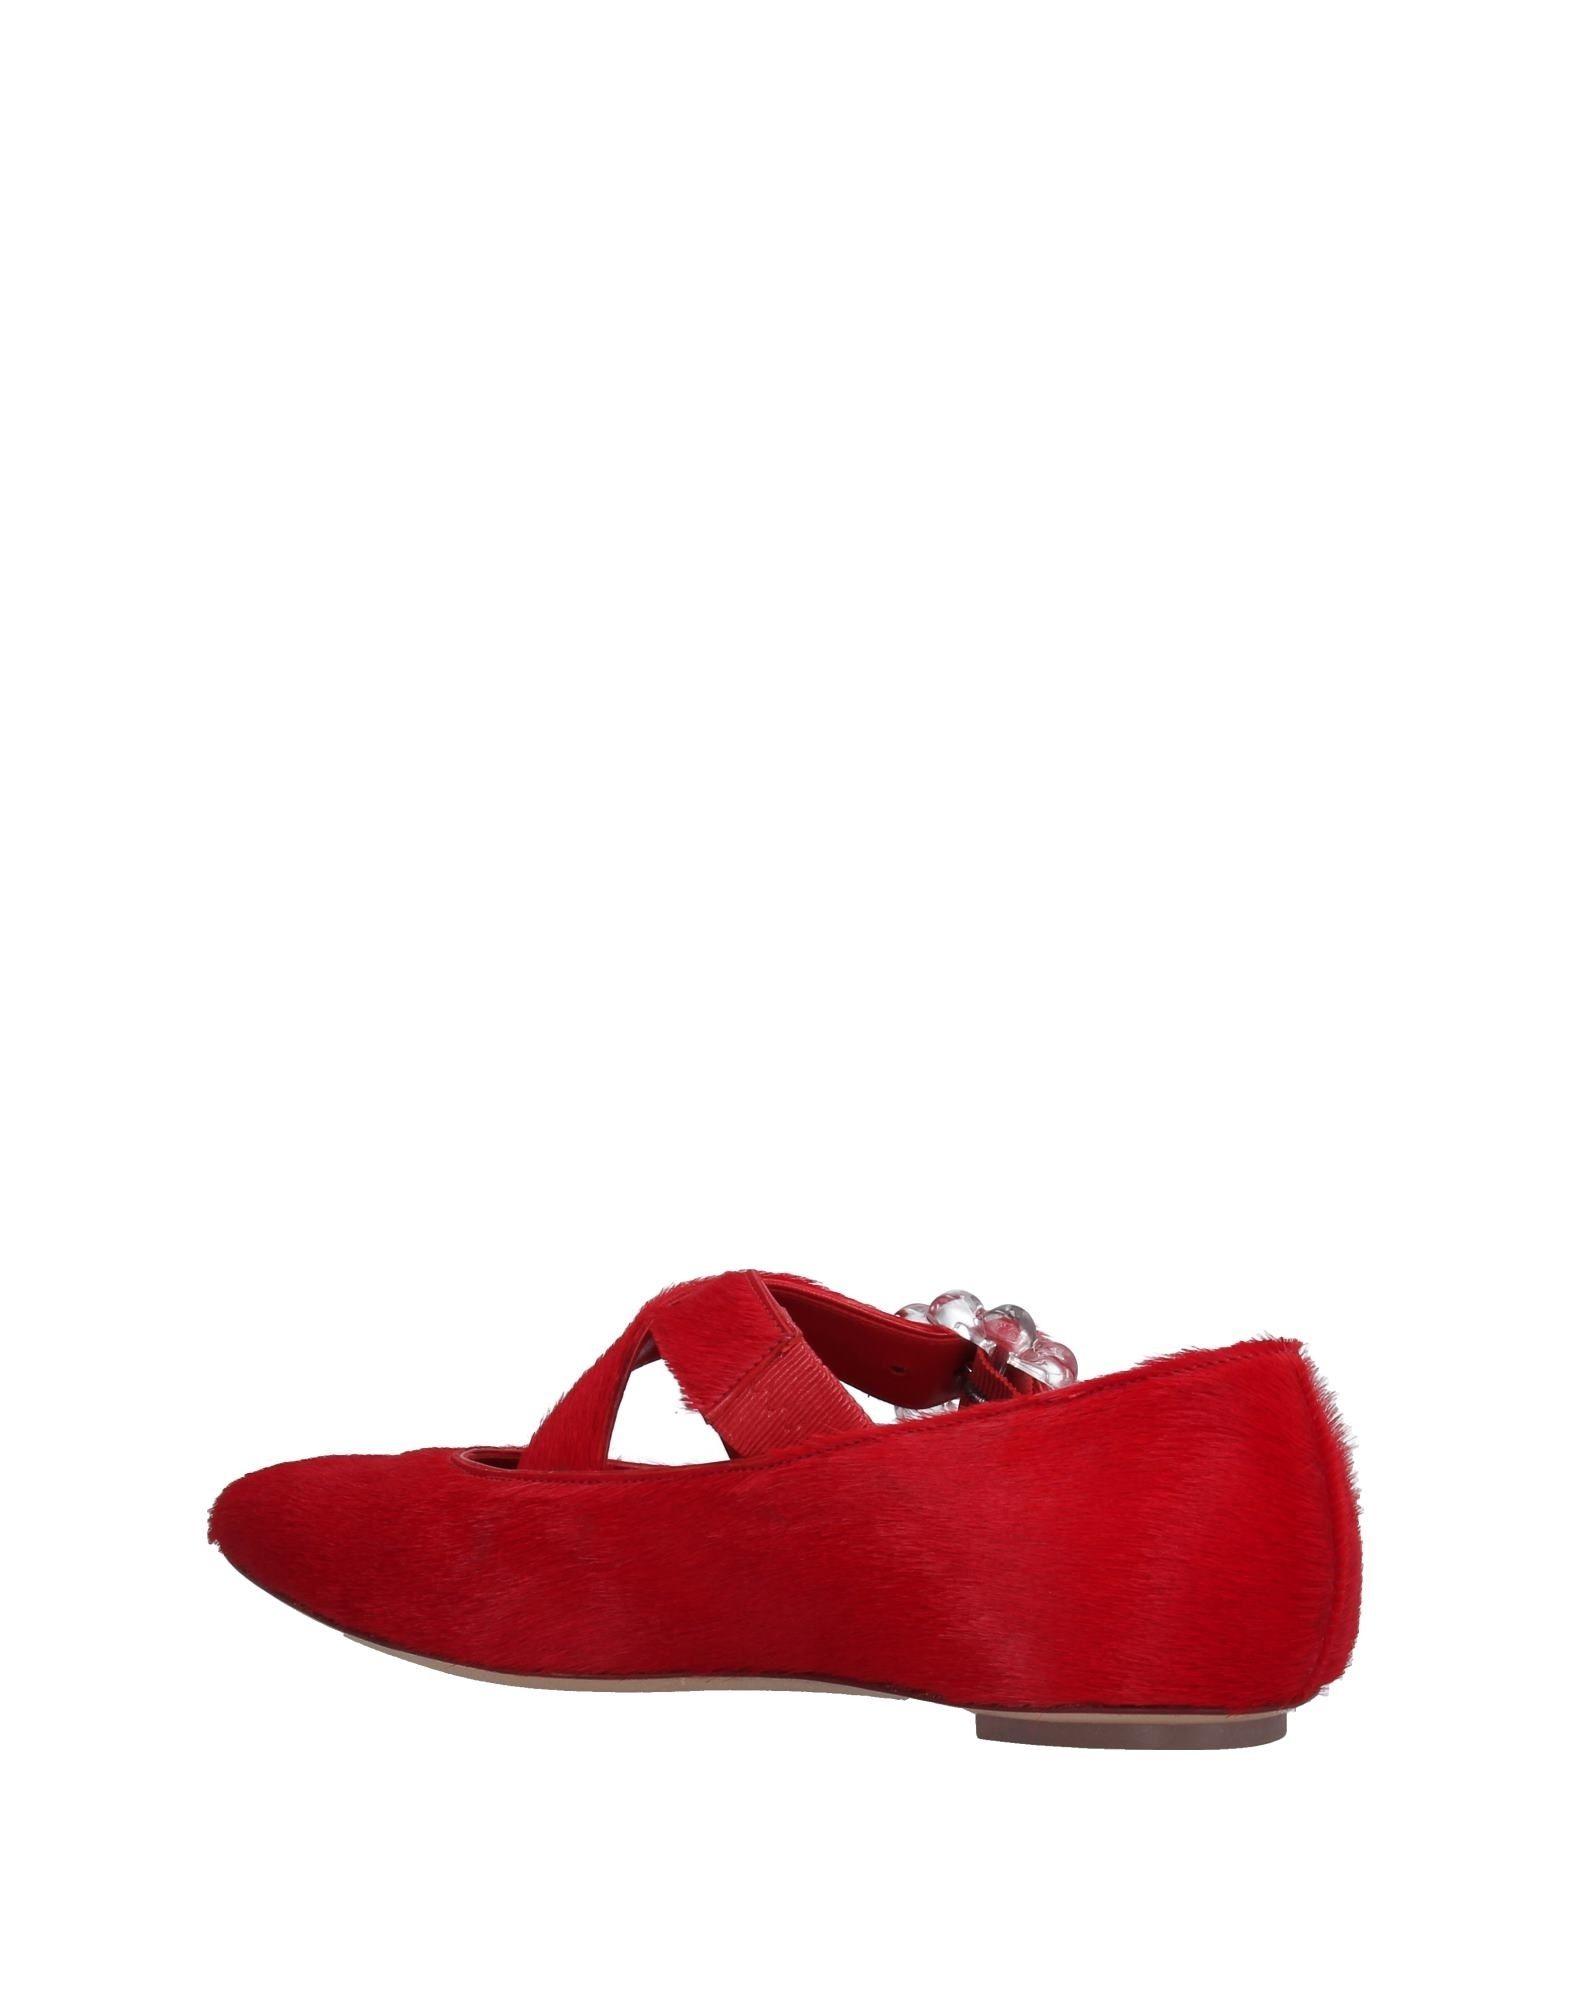 Simone Rocha Ballerinas Ballerinas Ballerinas Damen  11226646PT Beliebte Schuhe 1201ec